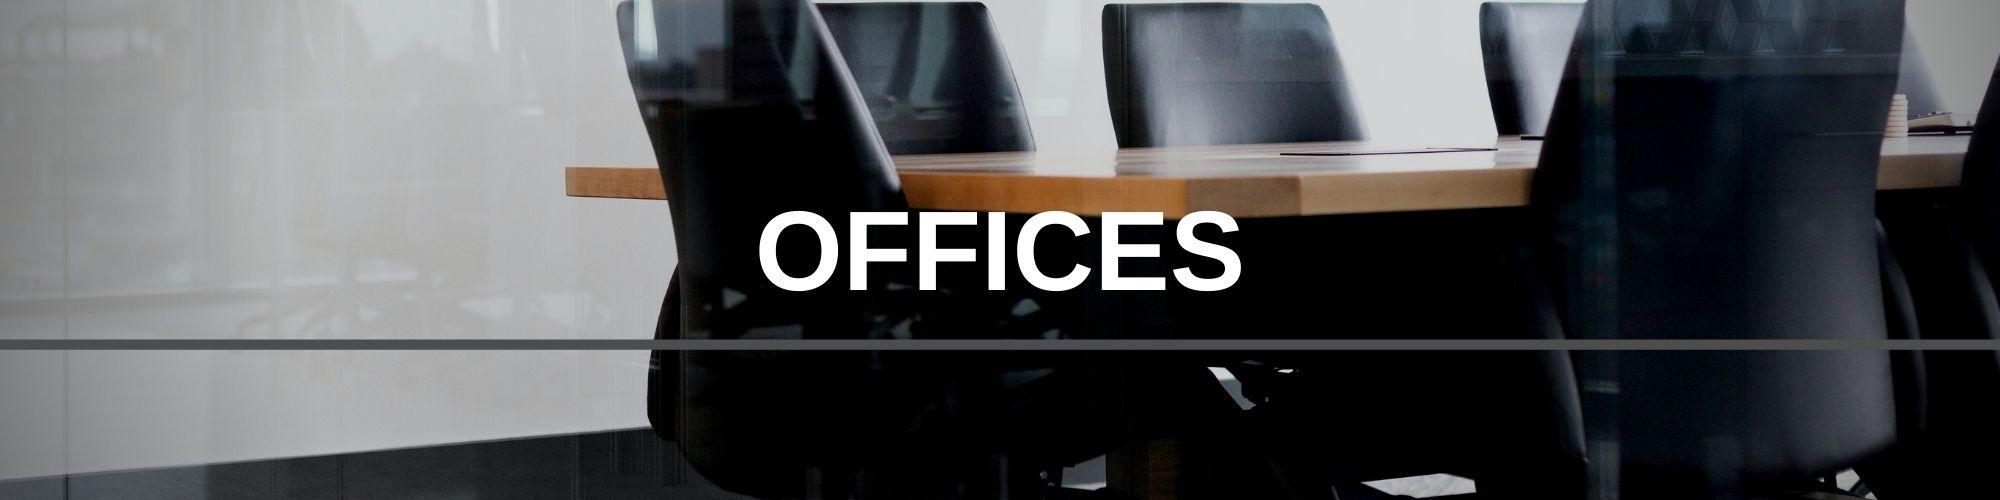 OFFICES | Paragon Carpet Tiles | Commercial Carpet Tiles